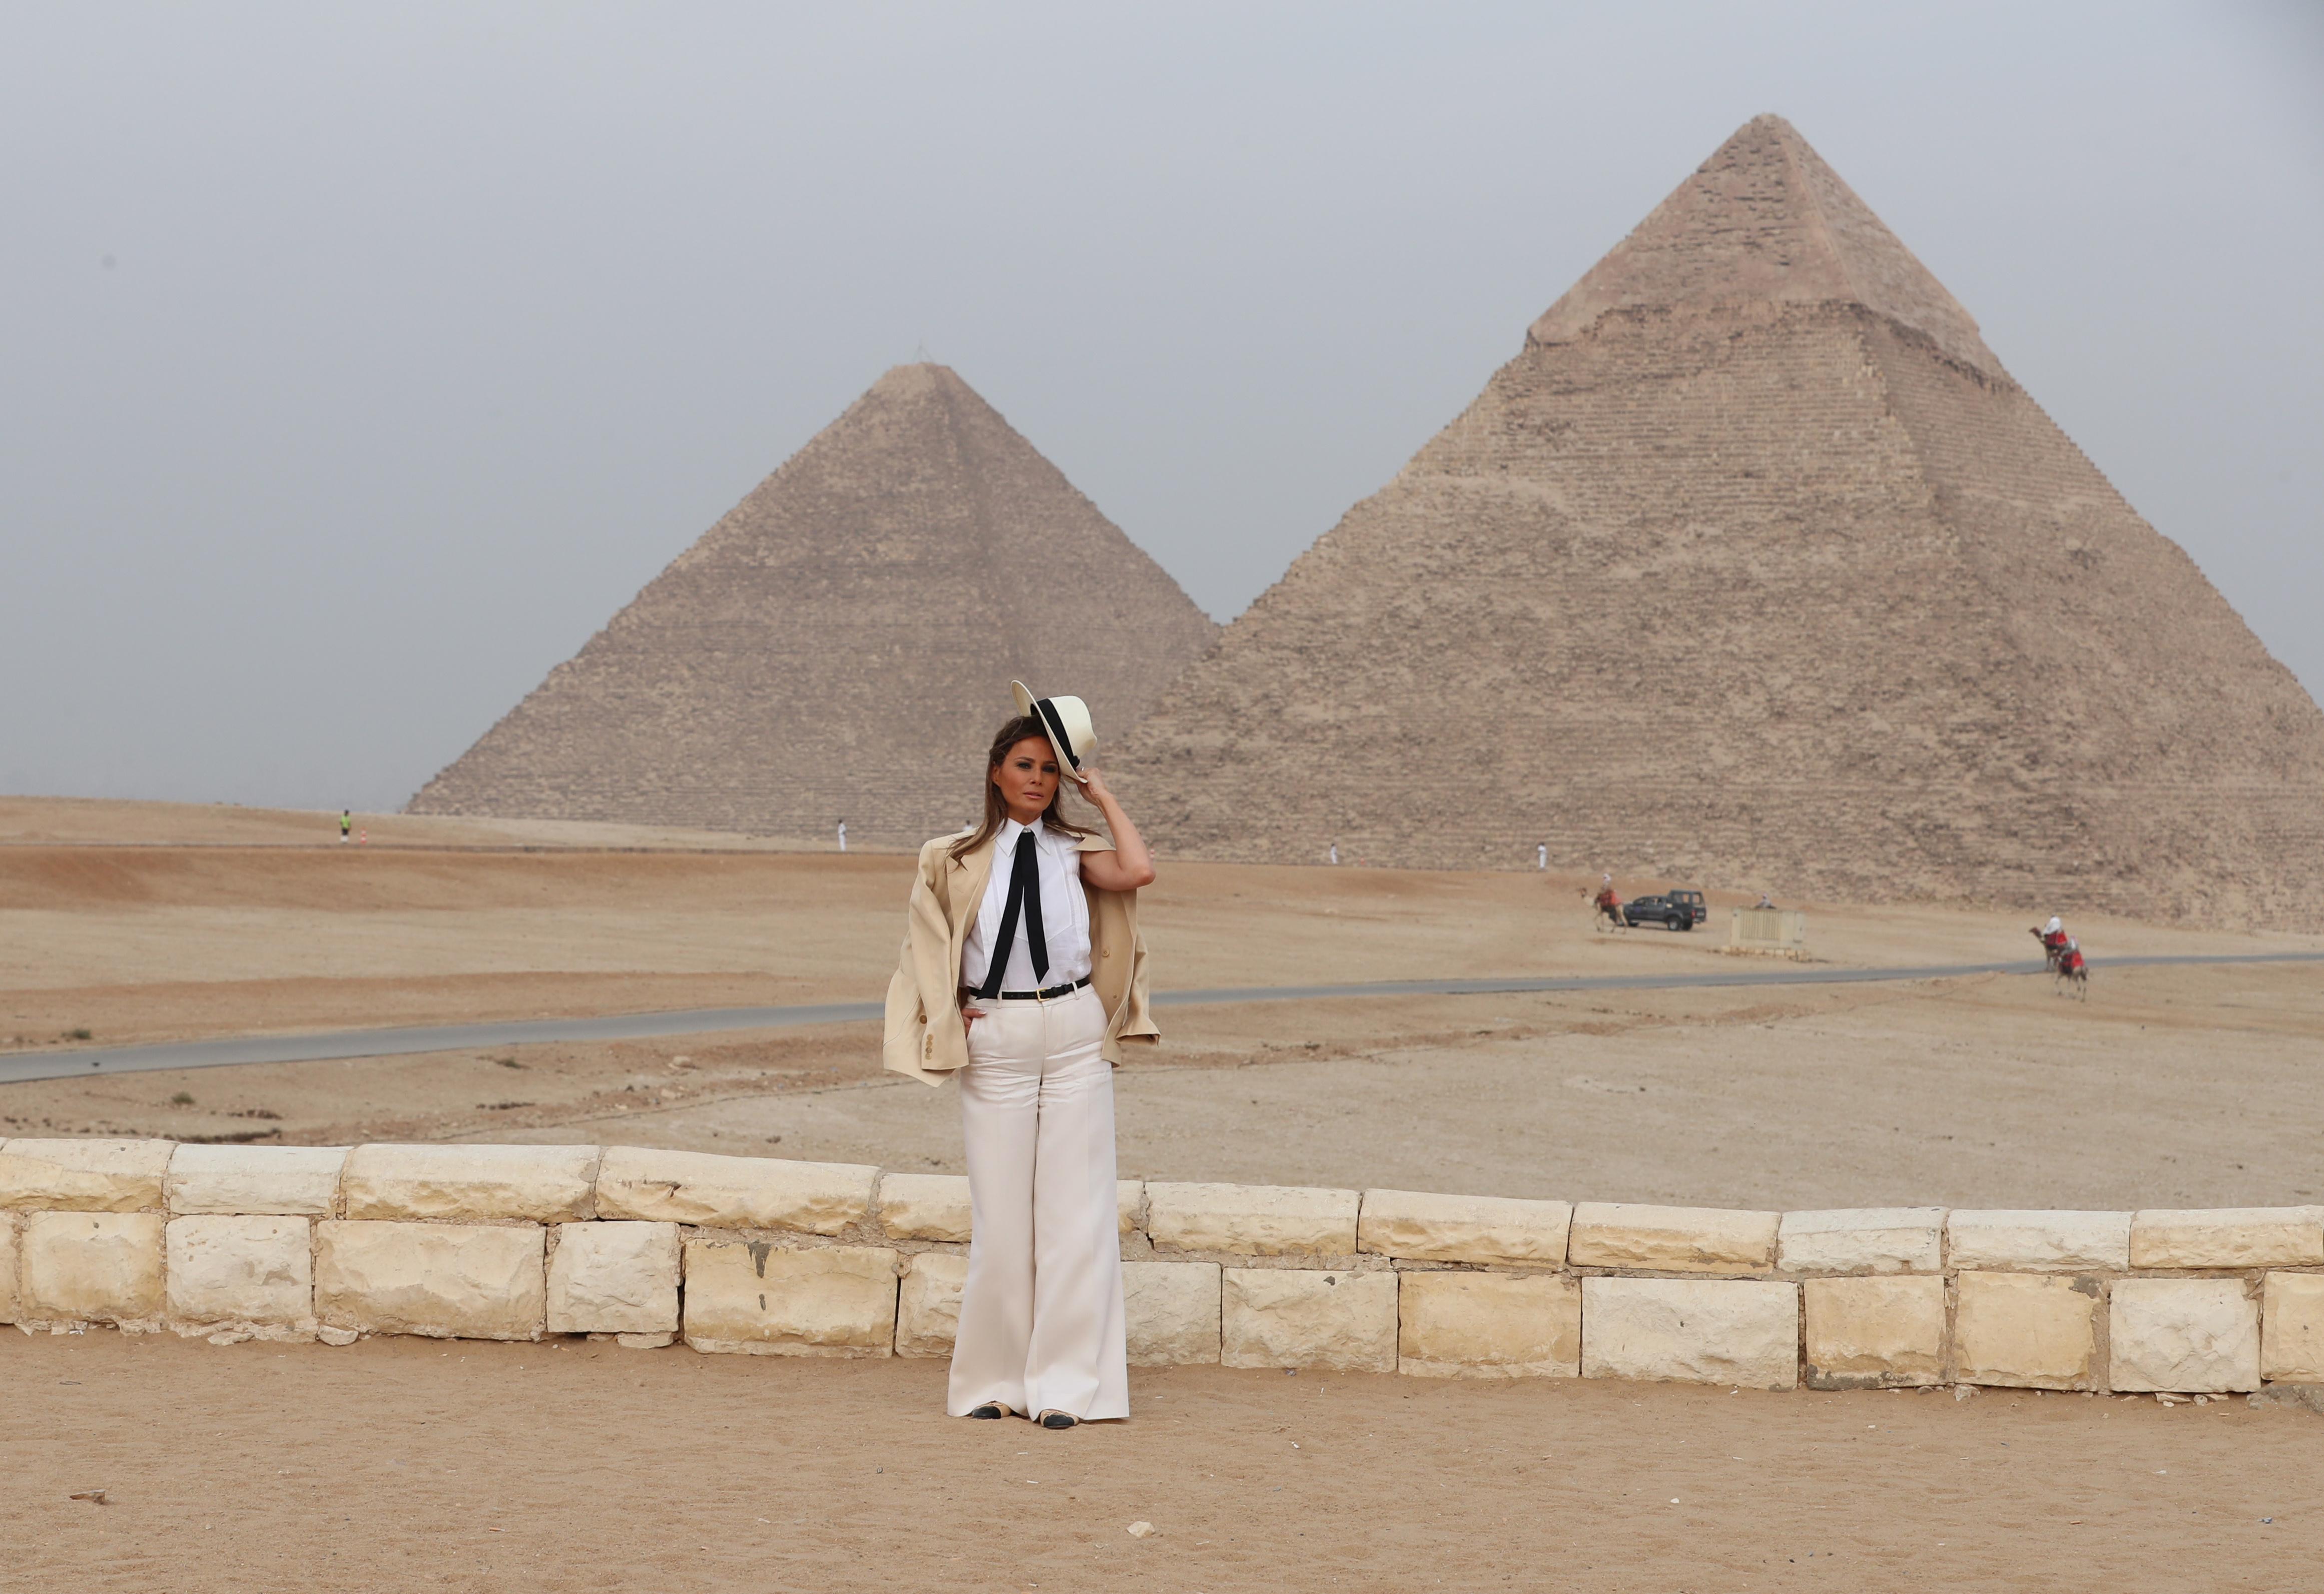 Първата дама на САЩ Мелания Тръмп приключи африканската си обиколка с посещение в Египет, където разгледа пирамидите и сфинкса в Гиза.